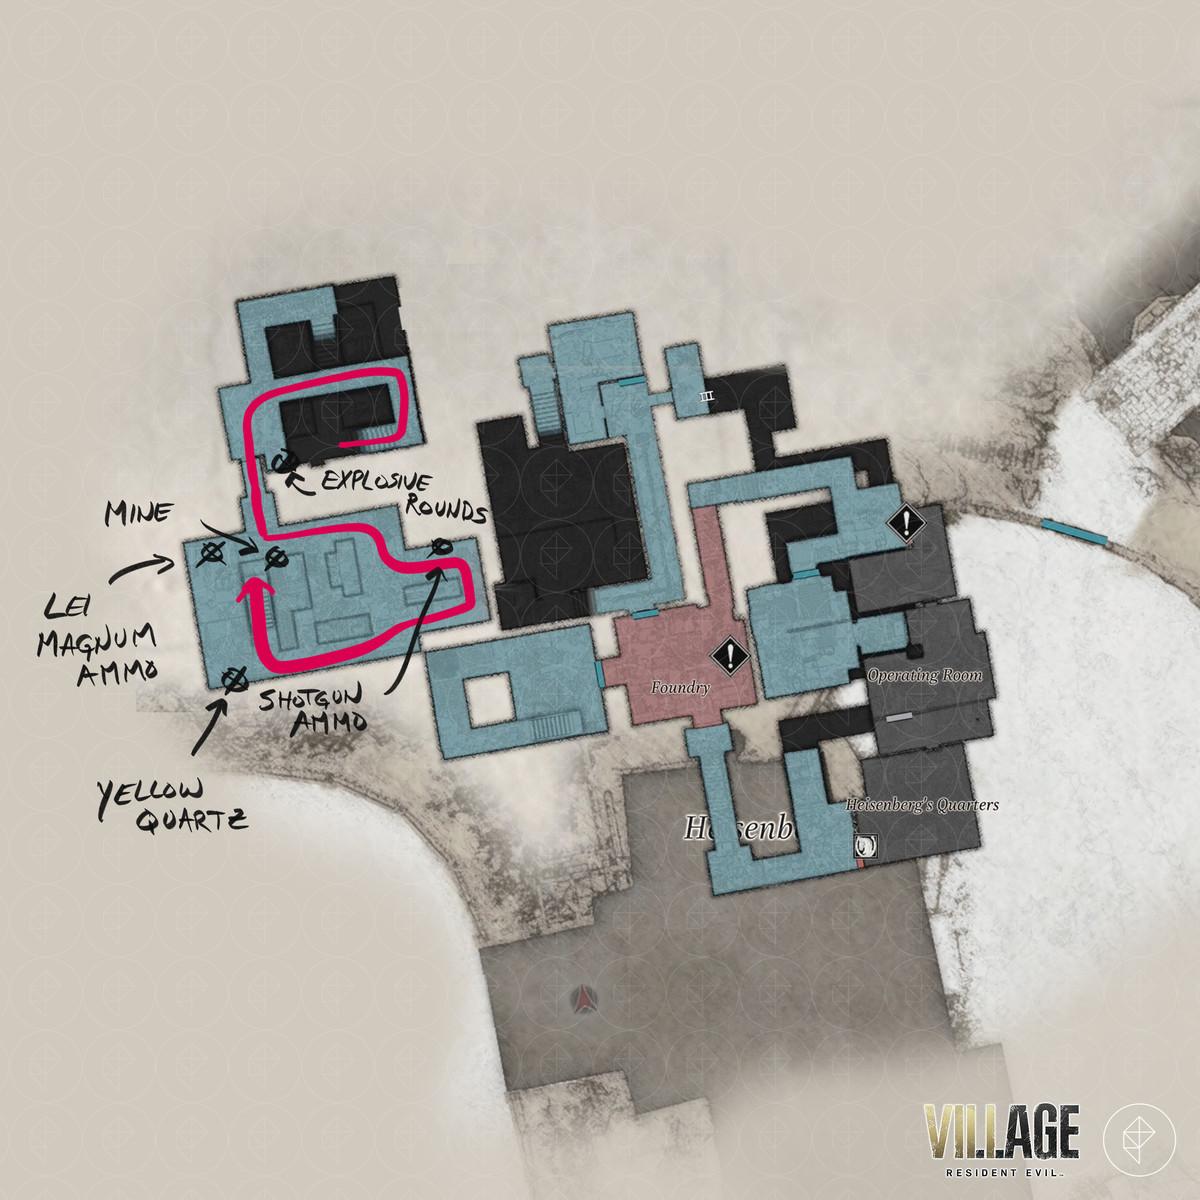 Resident Evil Village walkthrough part 14: Heisenberg's Factory